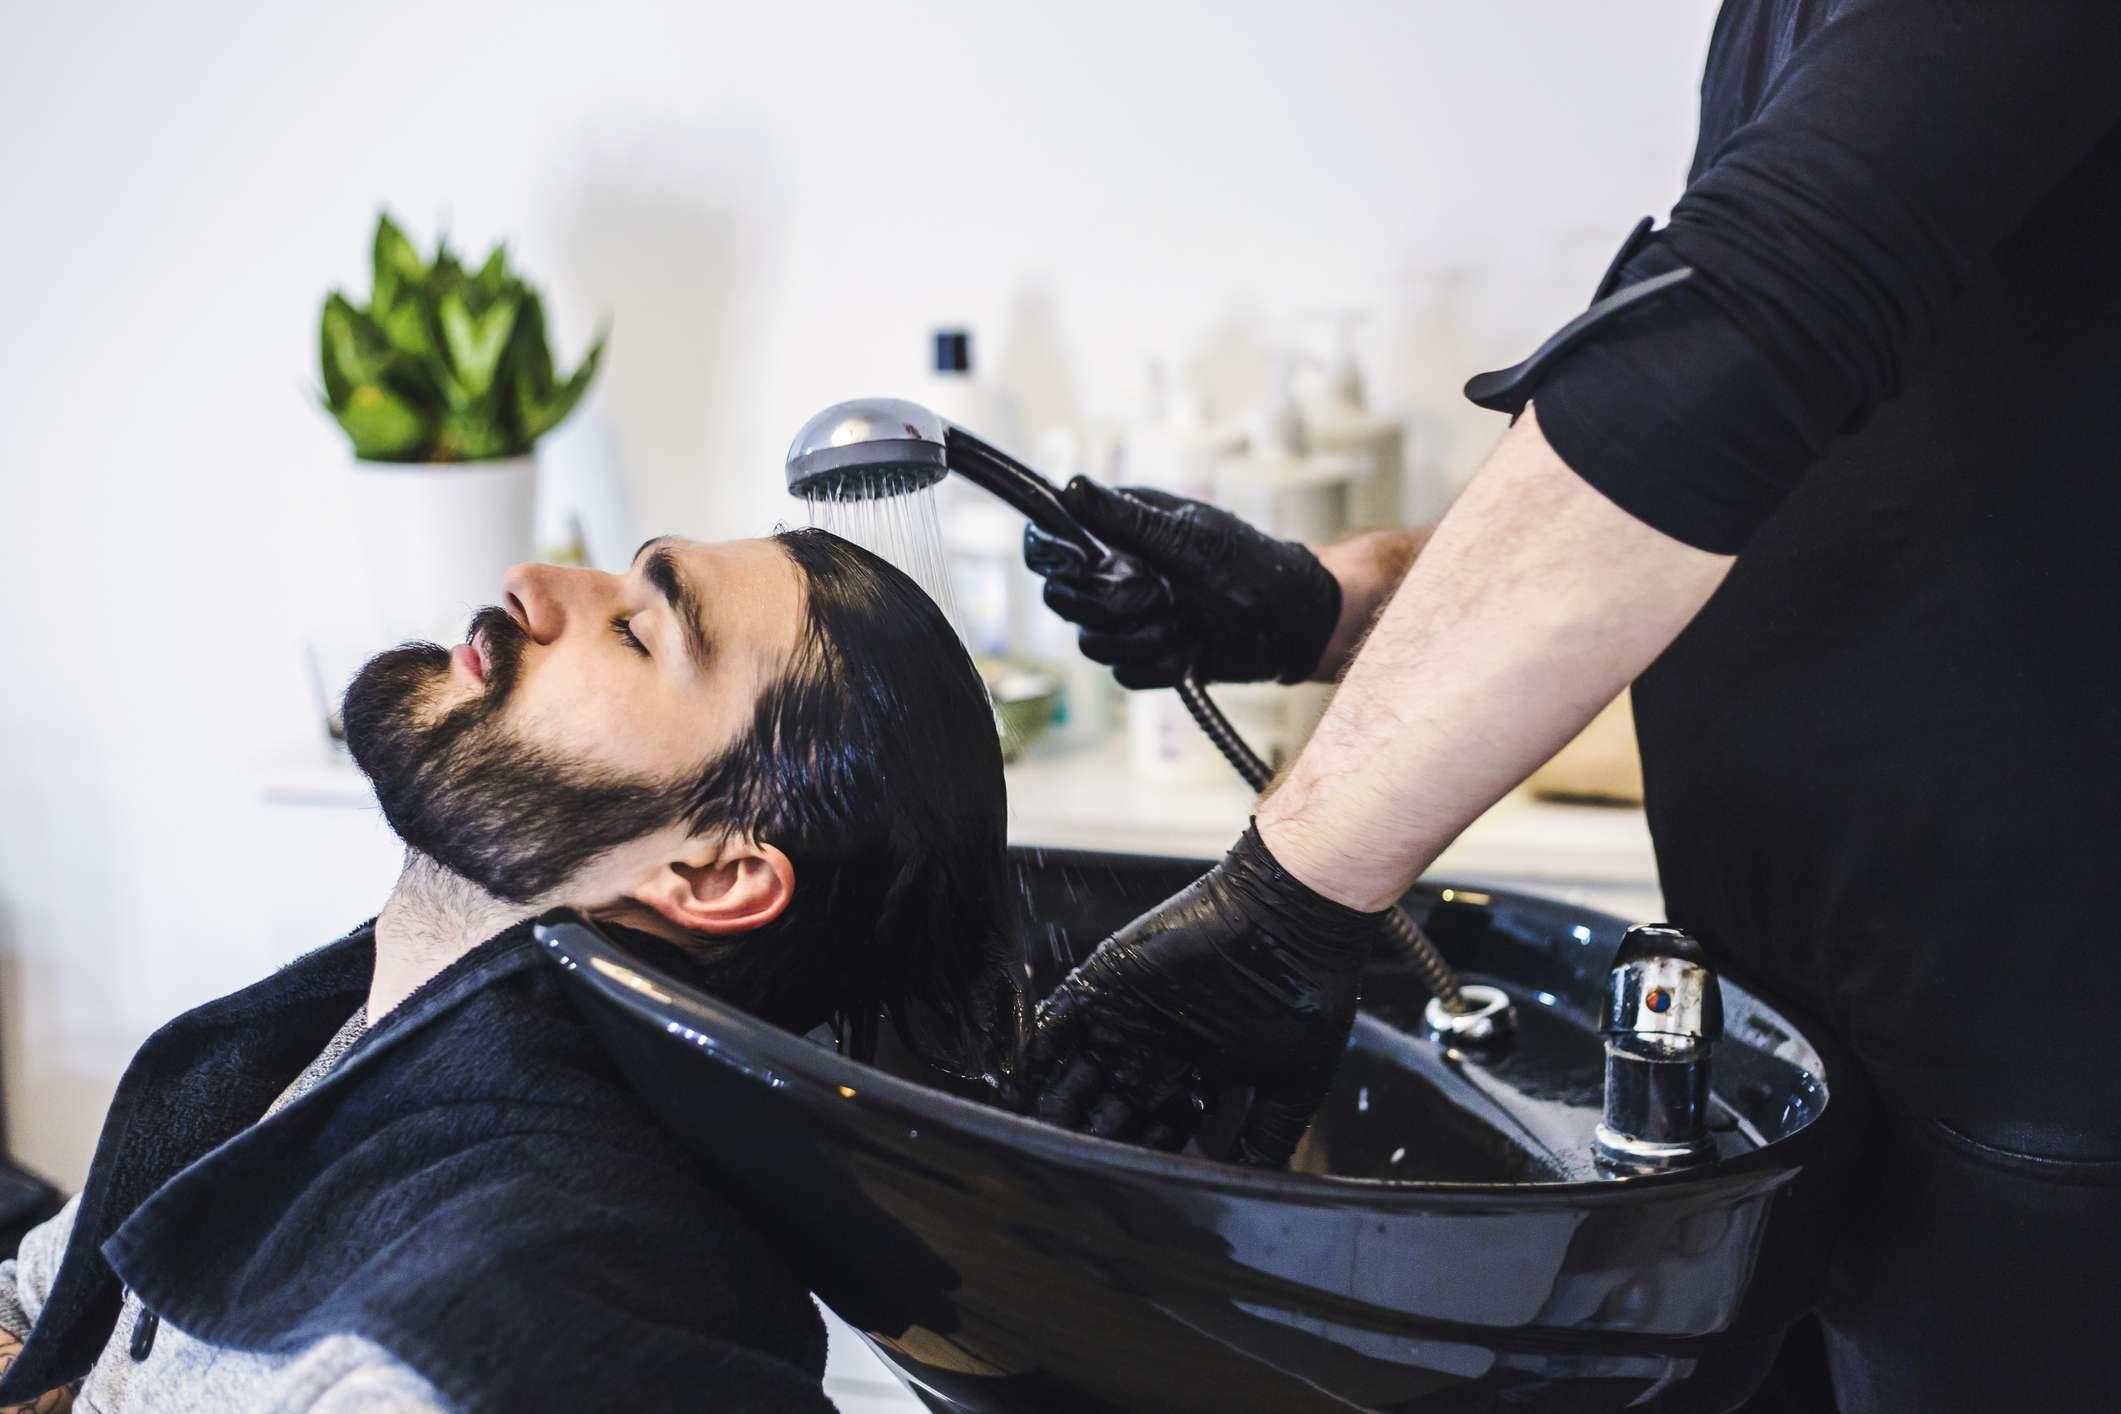 Man having his hair washed at a salon